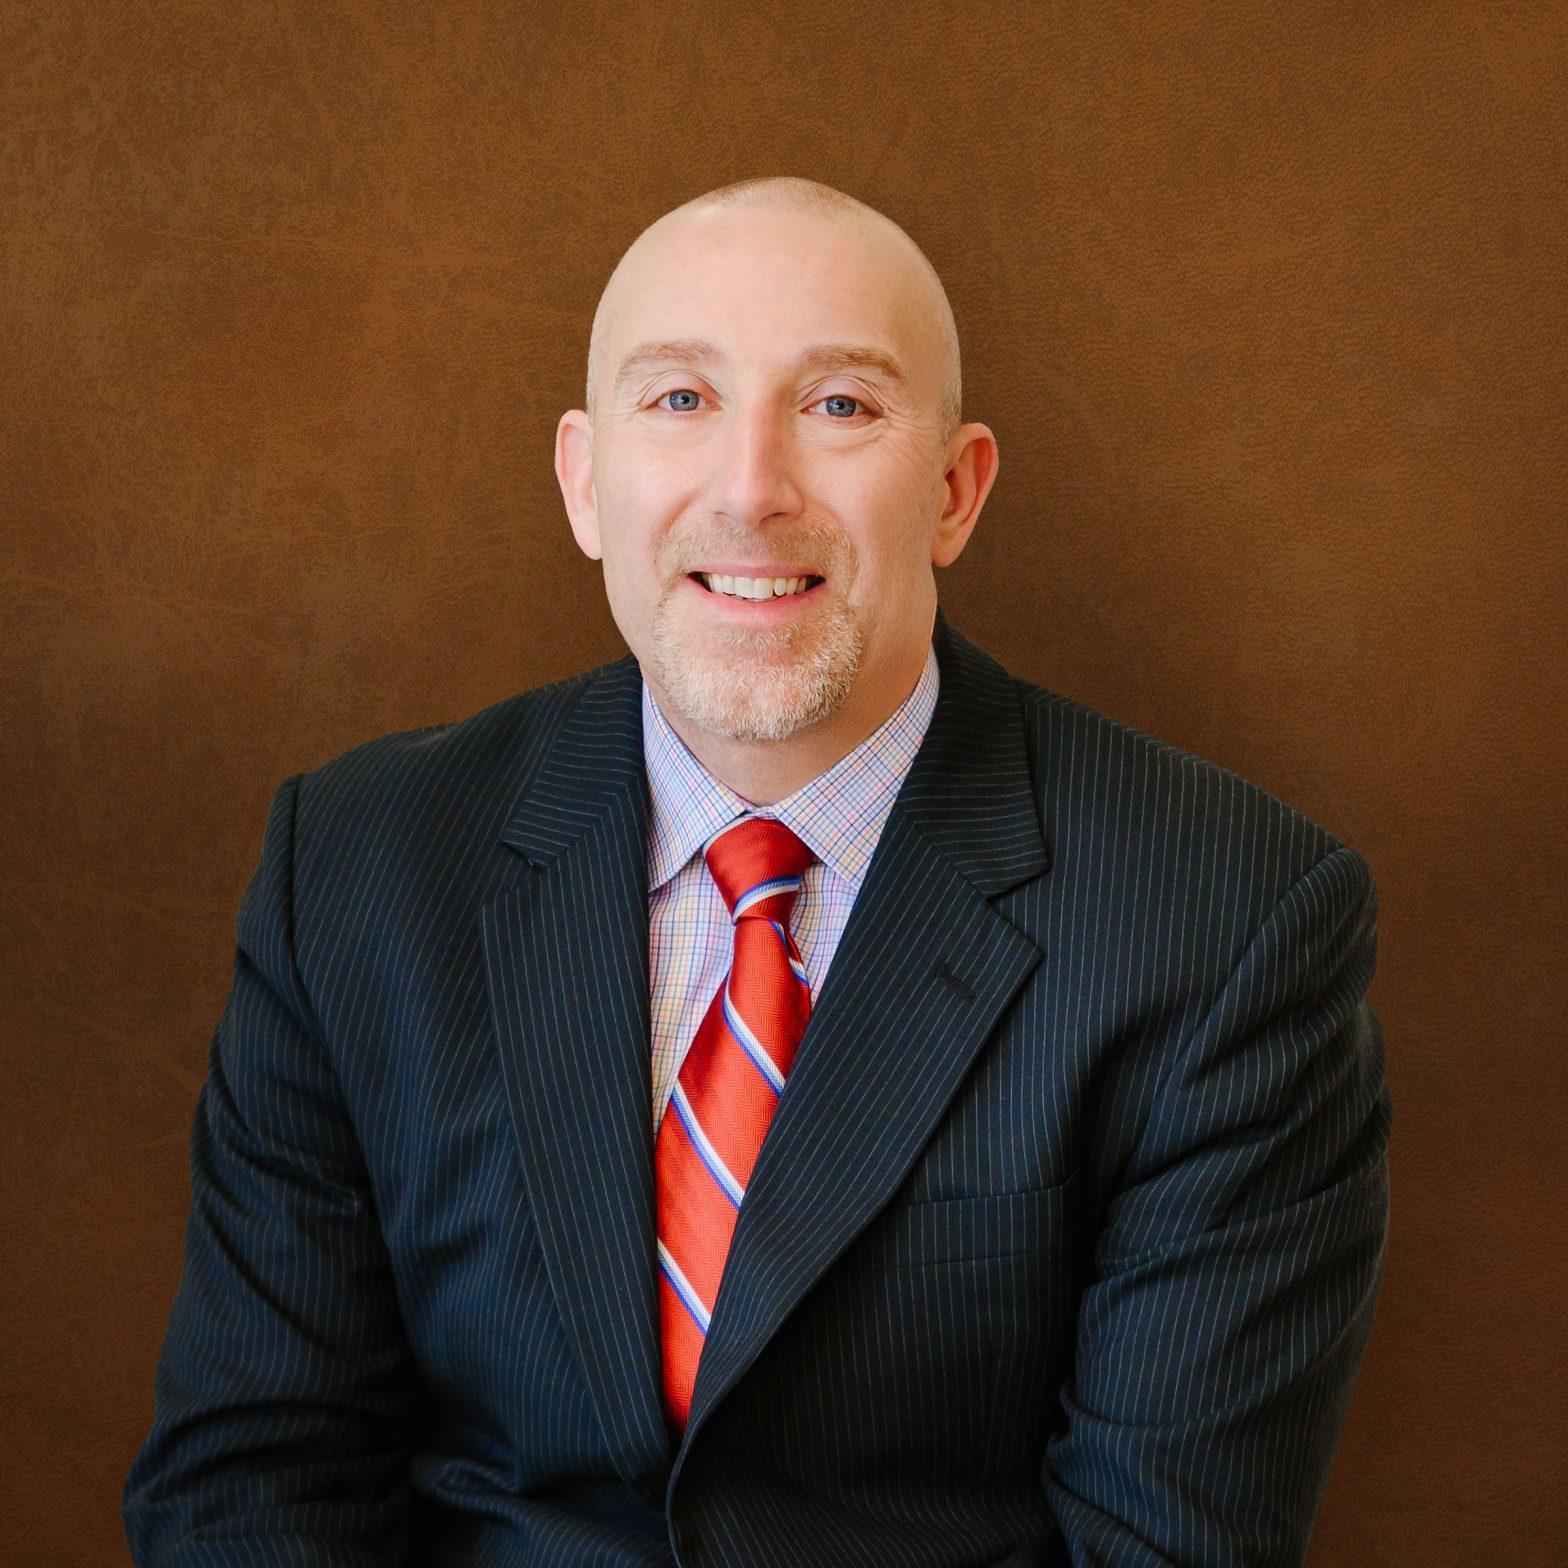 Family Law Attorney David Kowalski of Kowalski Family Law LLC